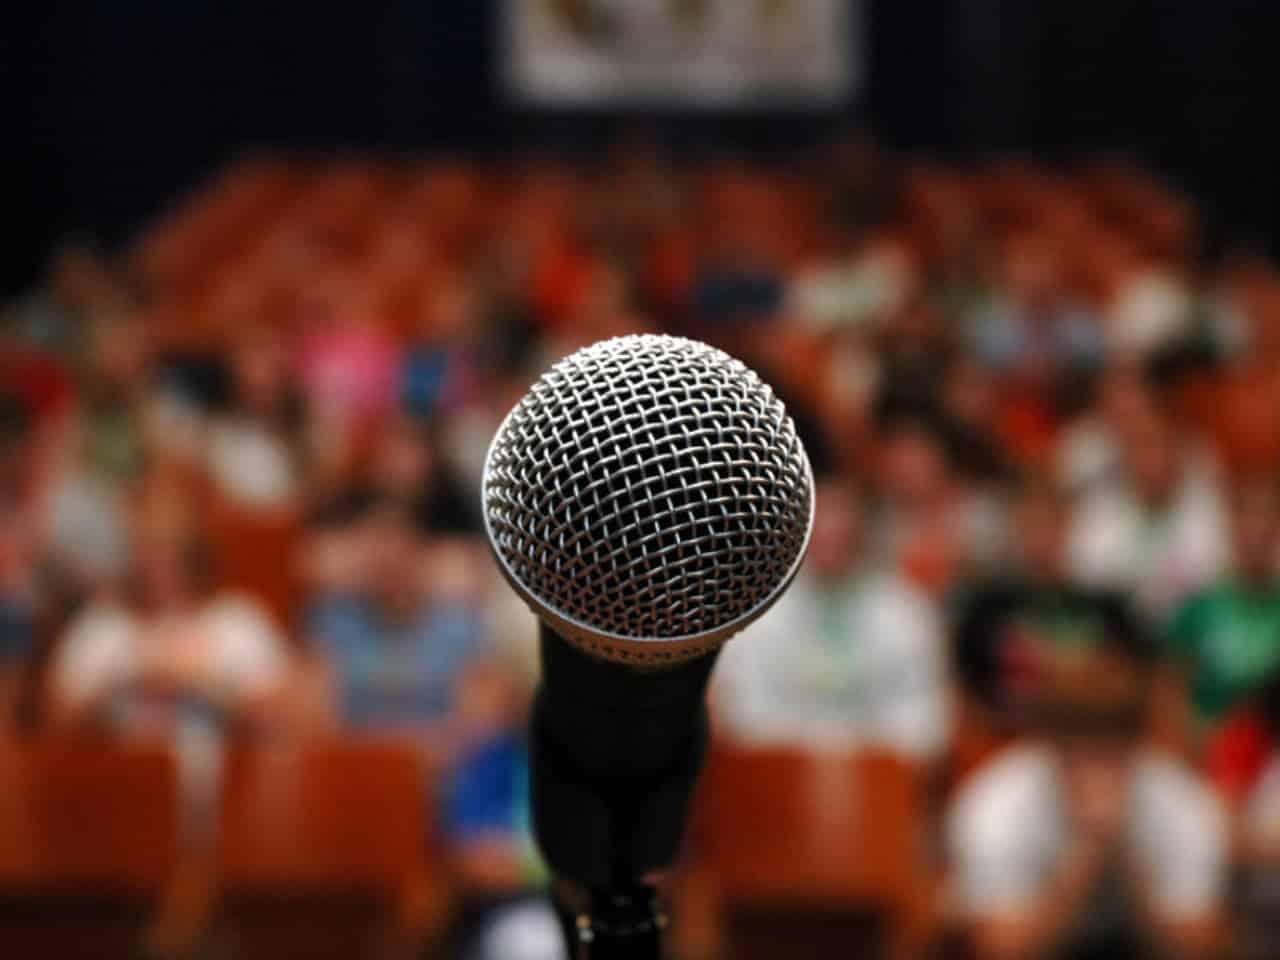 Contoh Ceramah Singkat Tentang Pergaulan Bebas Pada Remaja dan Anak Muda